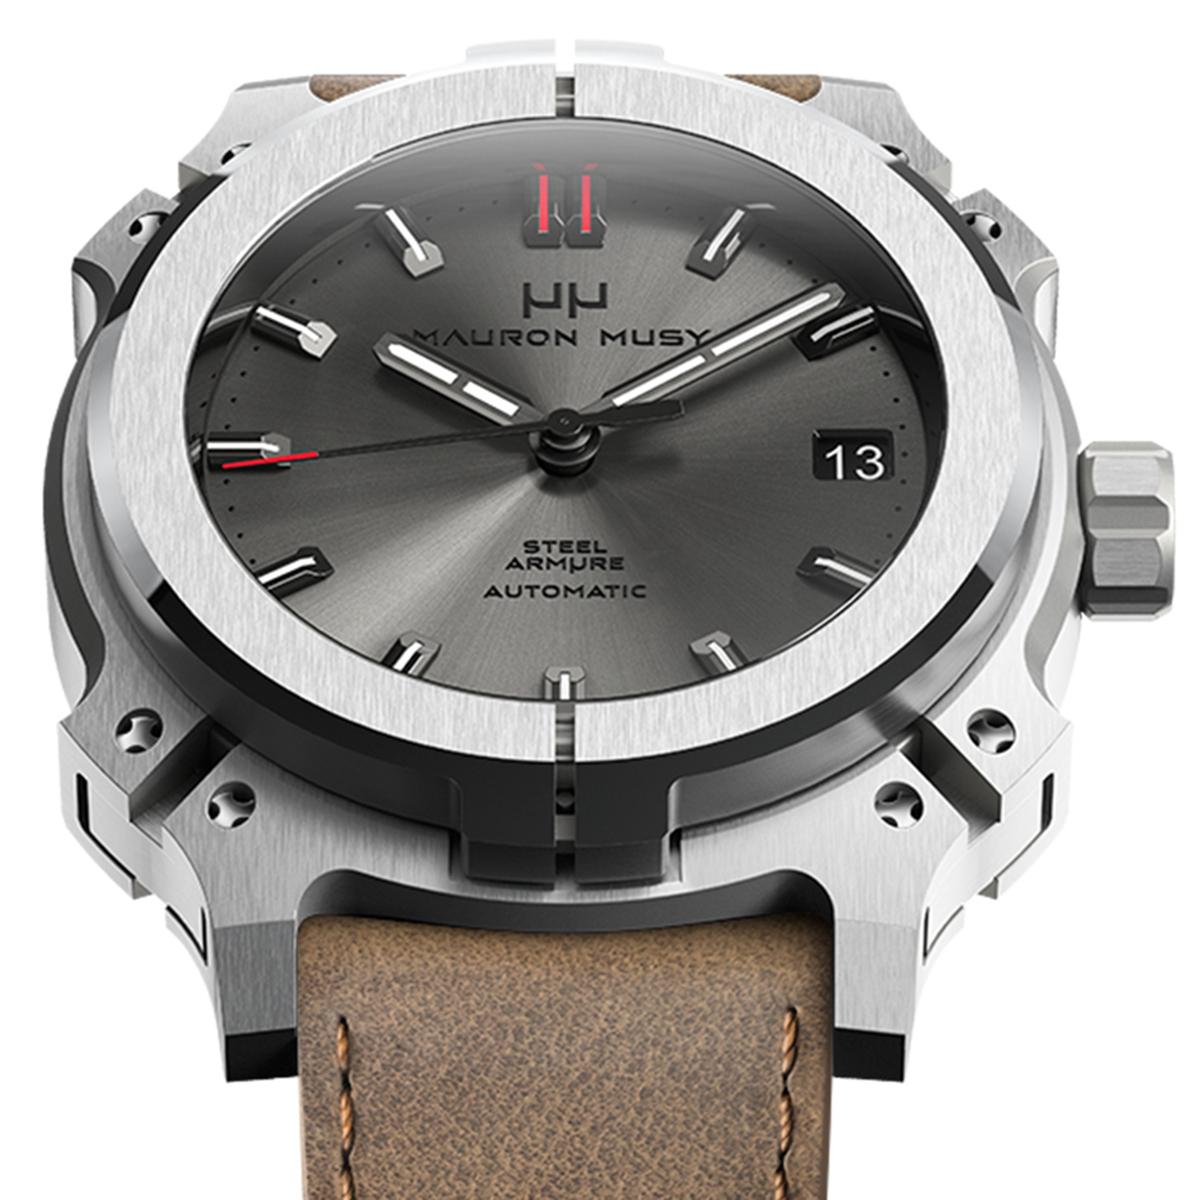 【残り1点】MAURON MUSY モーロン・ミュジー 自動巻き 腕時計 [MU01-202-BrownLeather]  デイト